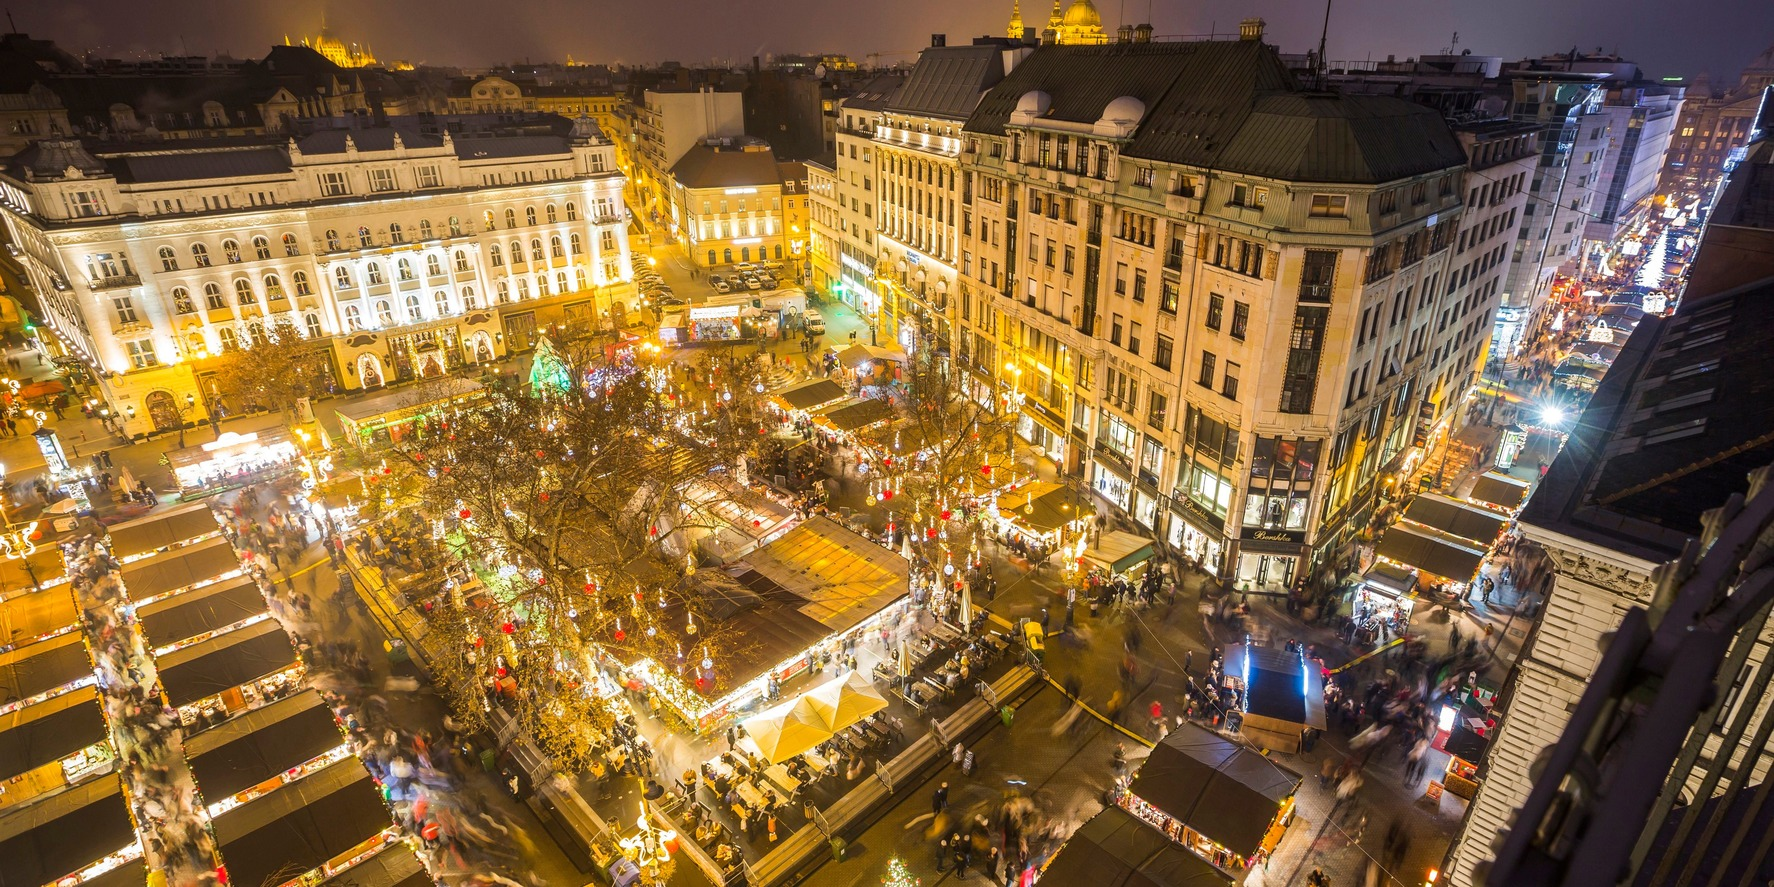 Budapest, 2016. december 18. A budapesti adventi és karácsonyi vásár a Vörösmarty téren advent utolsó vasárnapján, aranyvasárnap 2016. december 18-án. MTI Fotó: Mohai Balázs